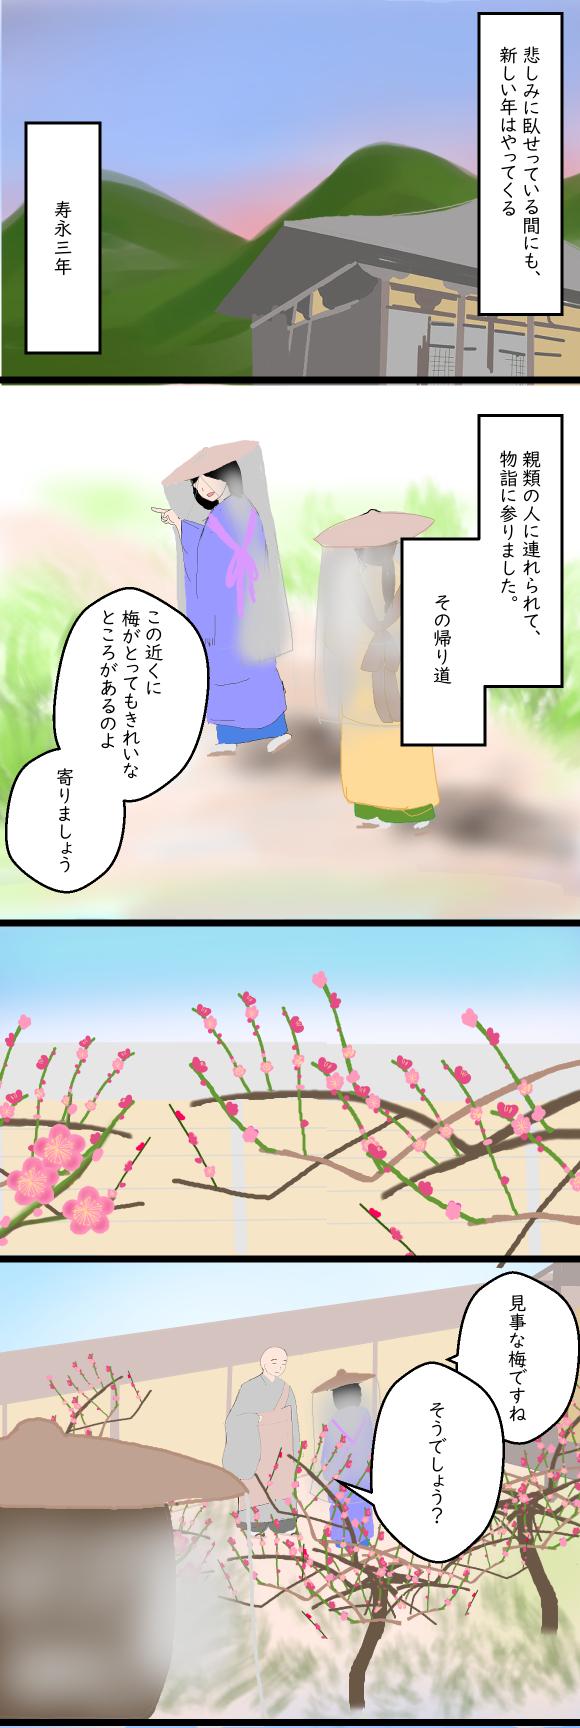 梅の花と資盛。平家、福原に結集。【建礼門院右京大夫集あらすじマンガ】